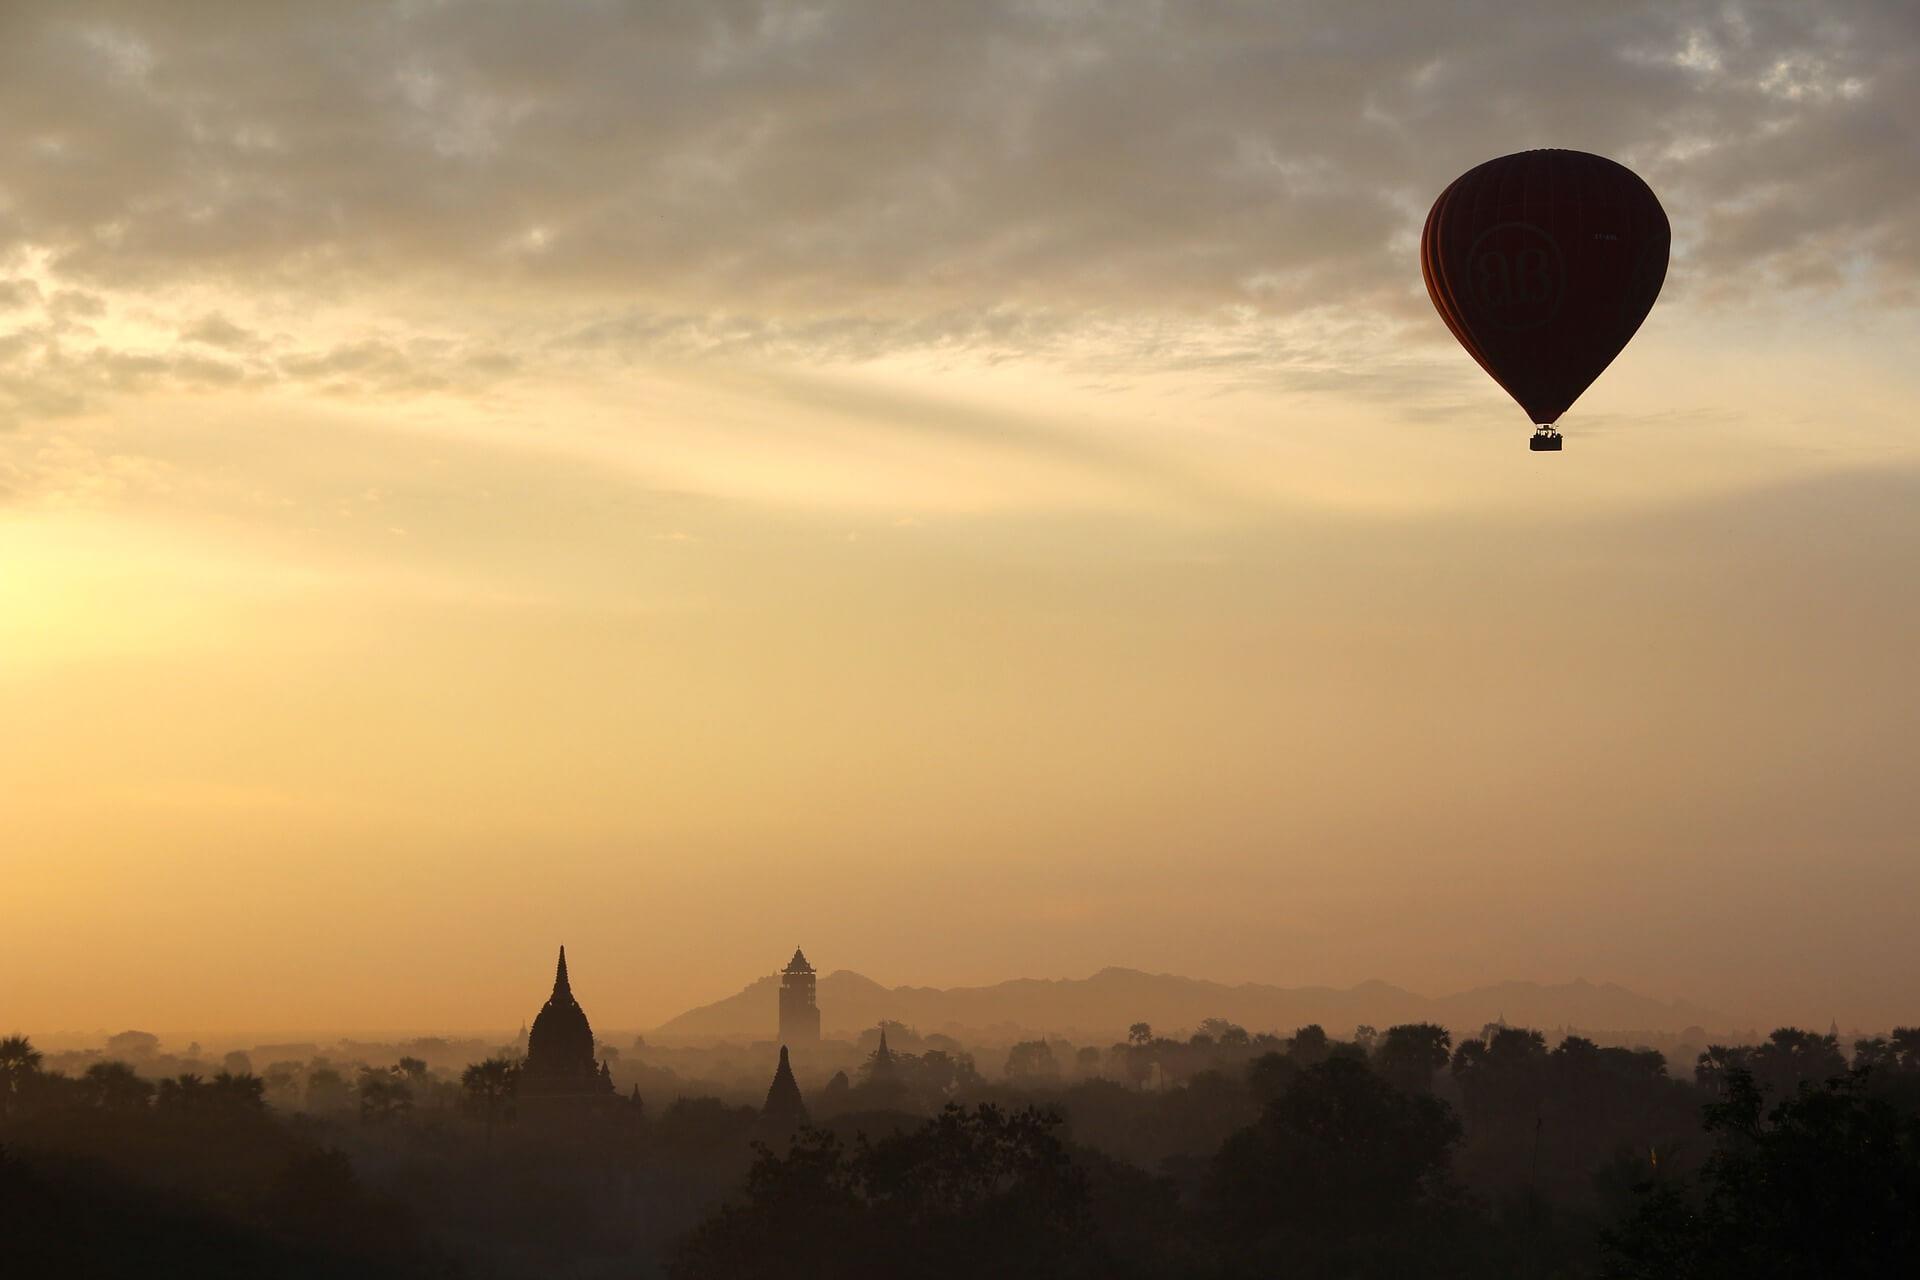 hot air balloon ride 1029303 1920